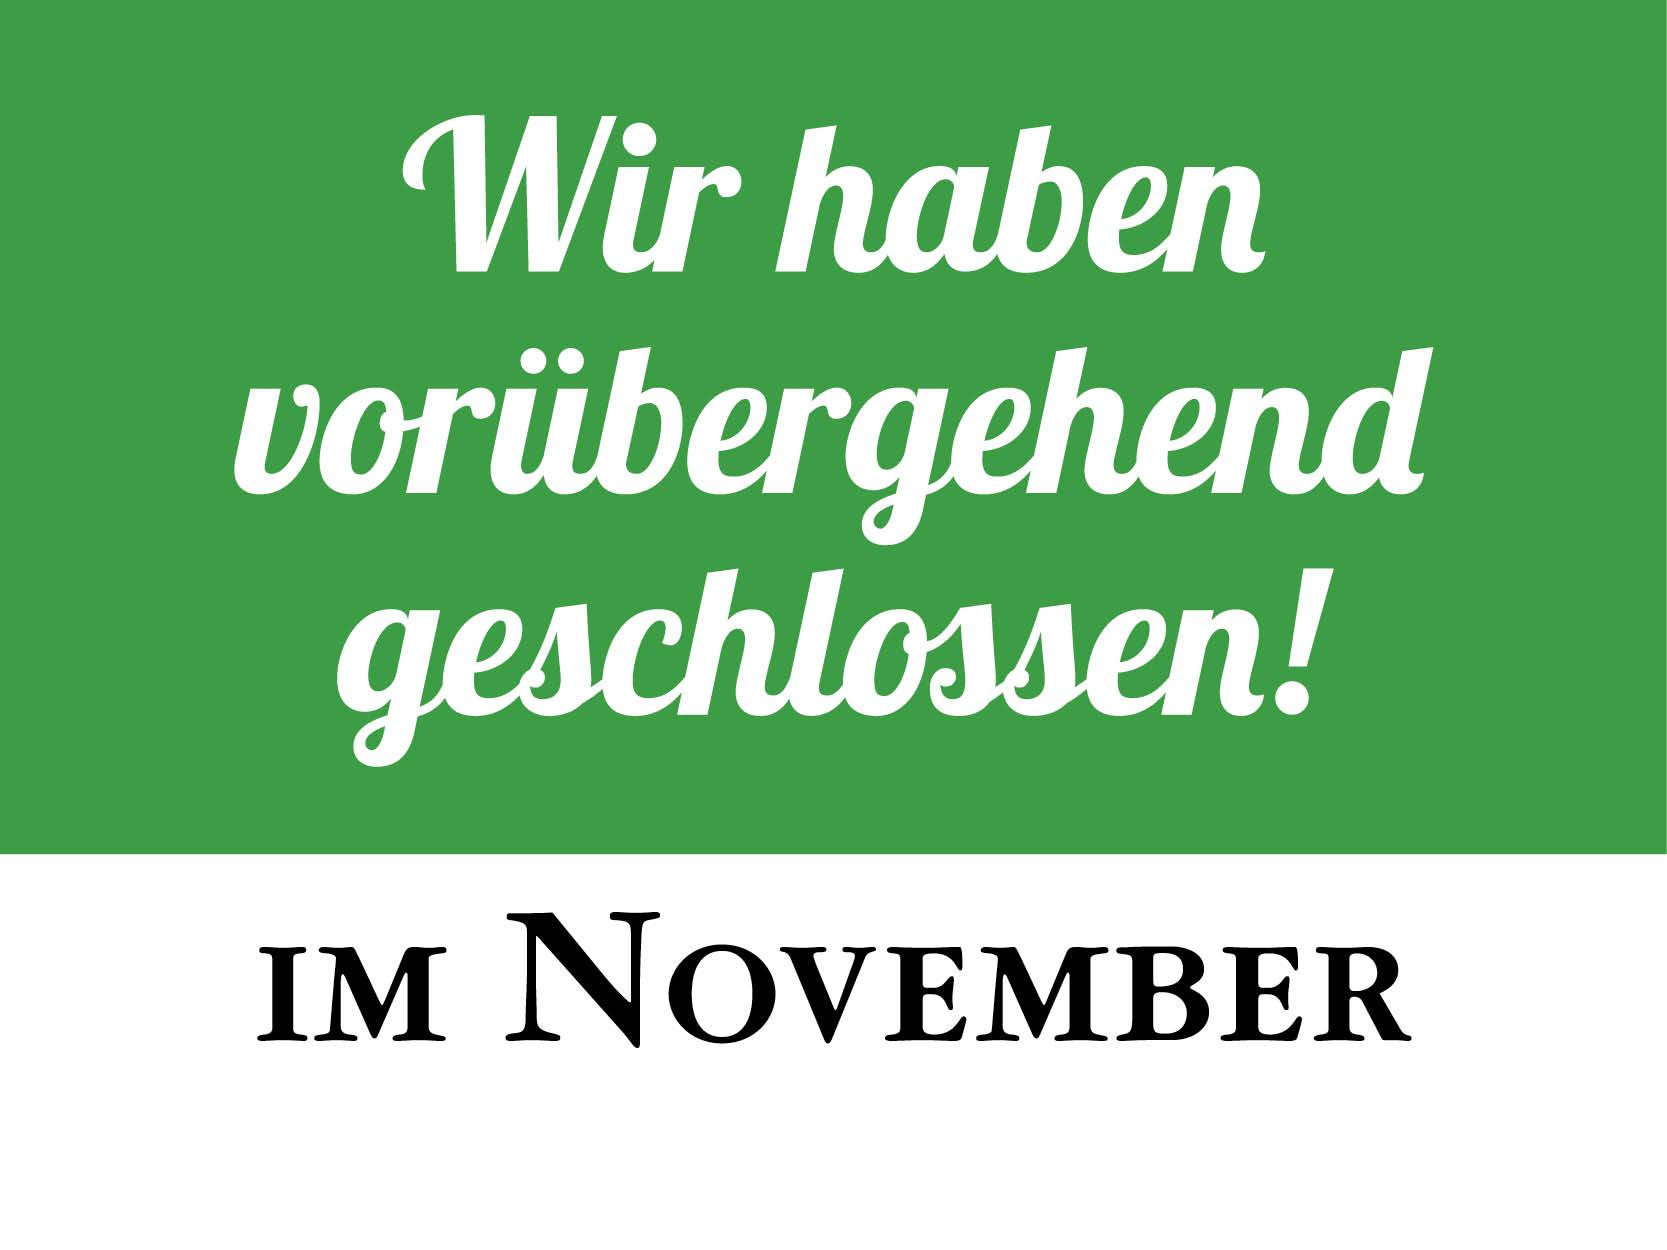 gasthaus-im-november-geschlossen